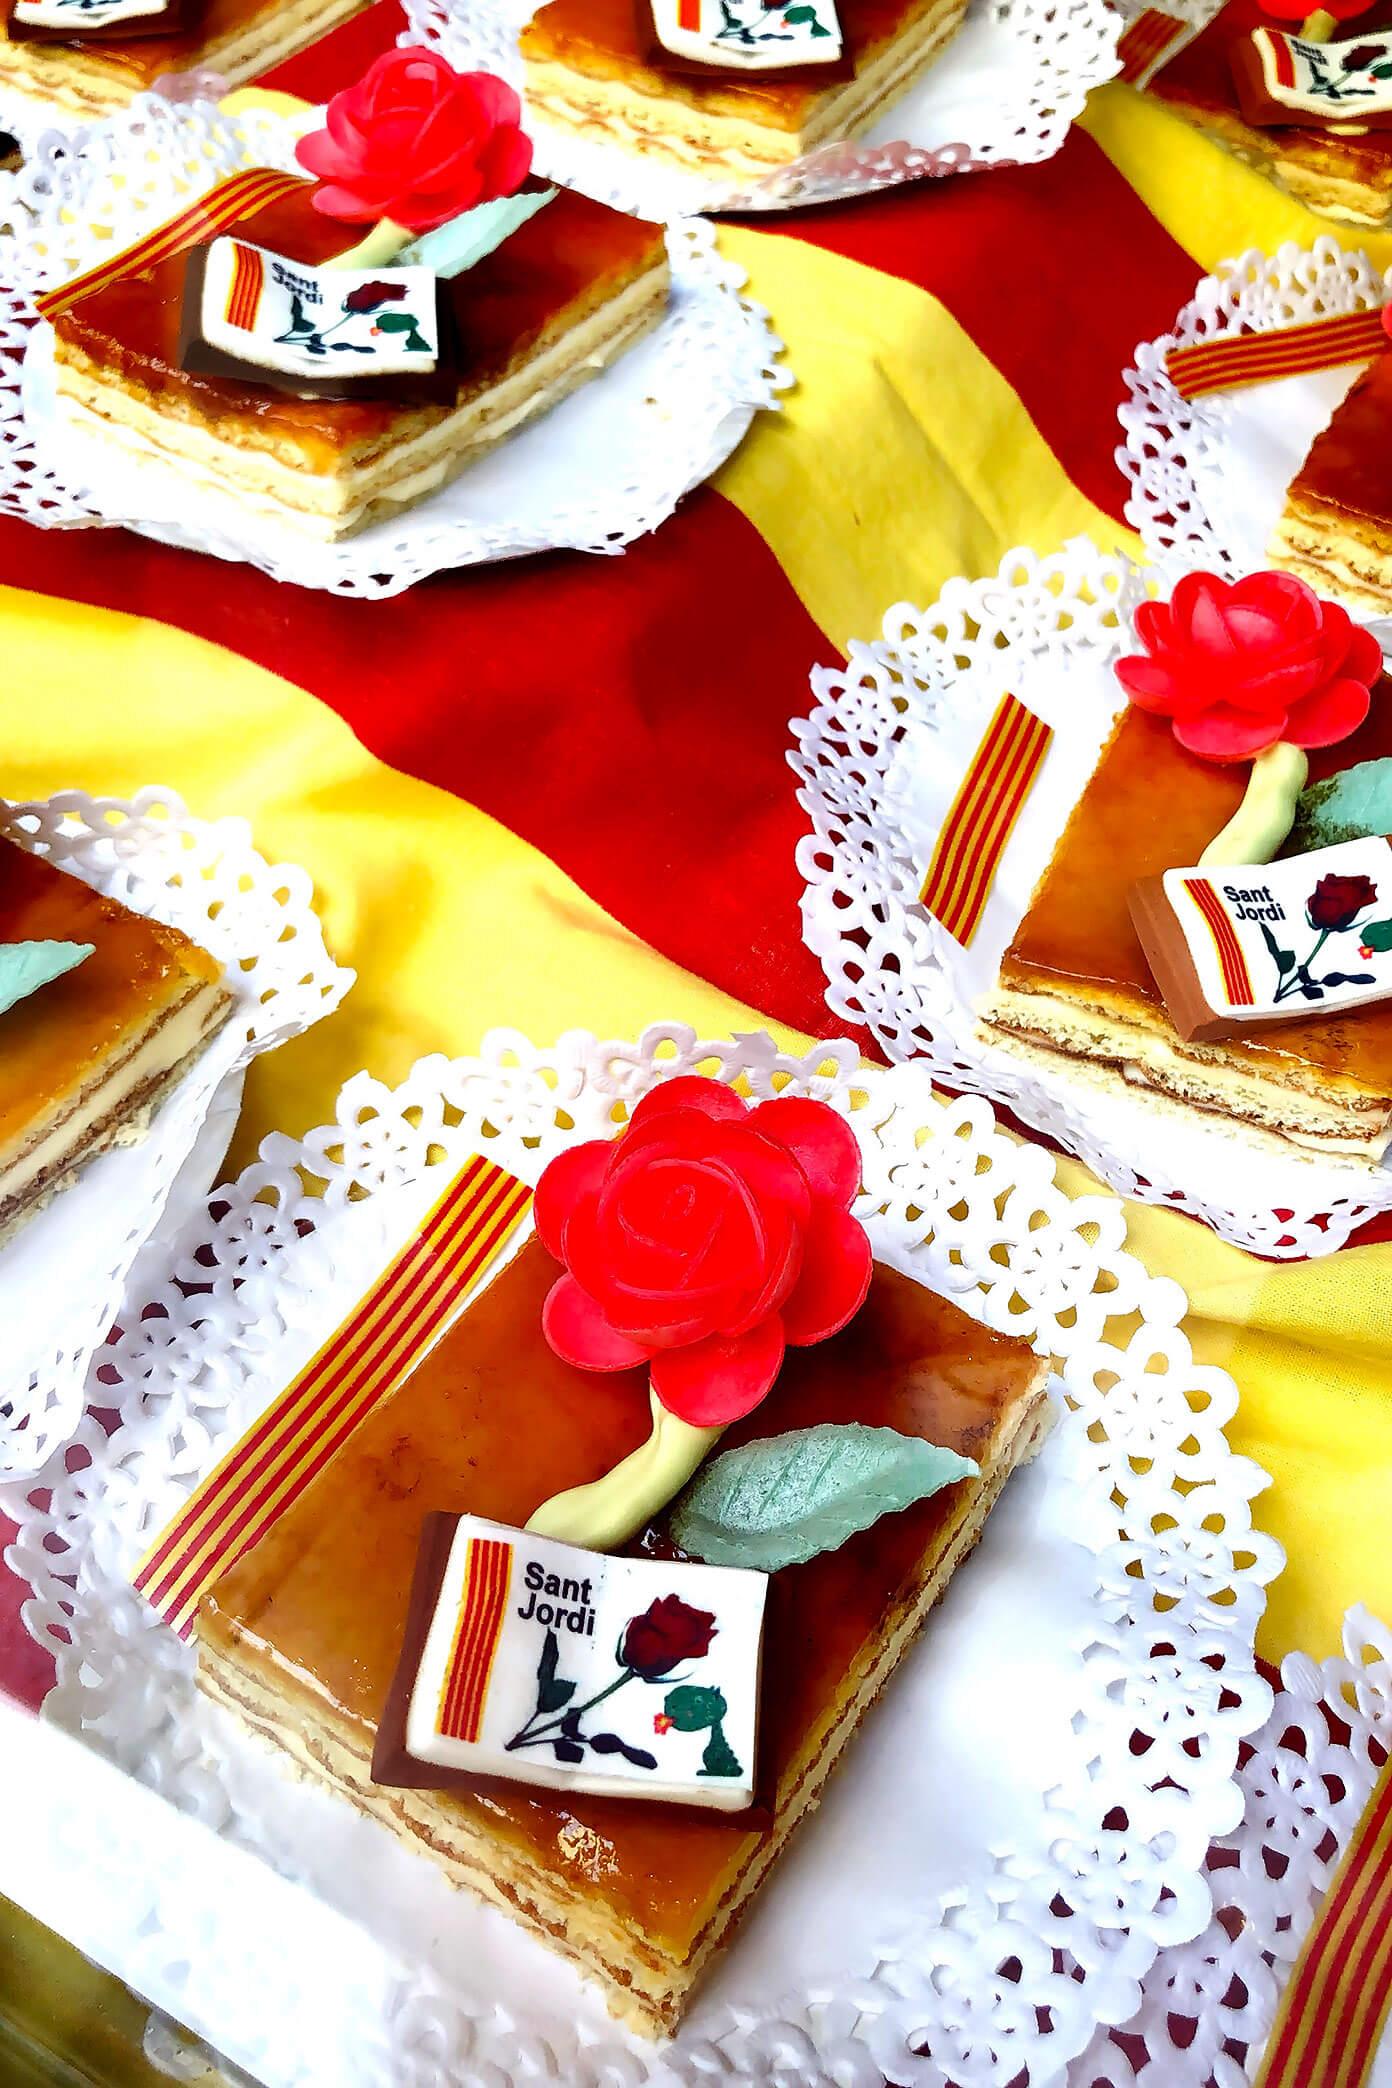 Sant Jordi Desserts in Barcelona